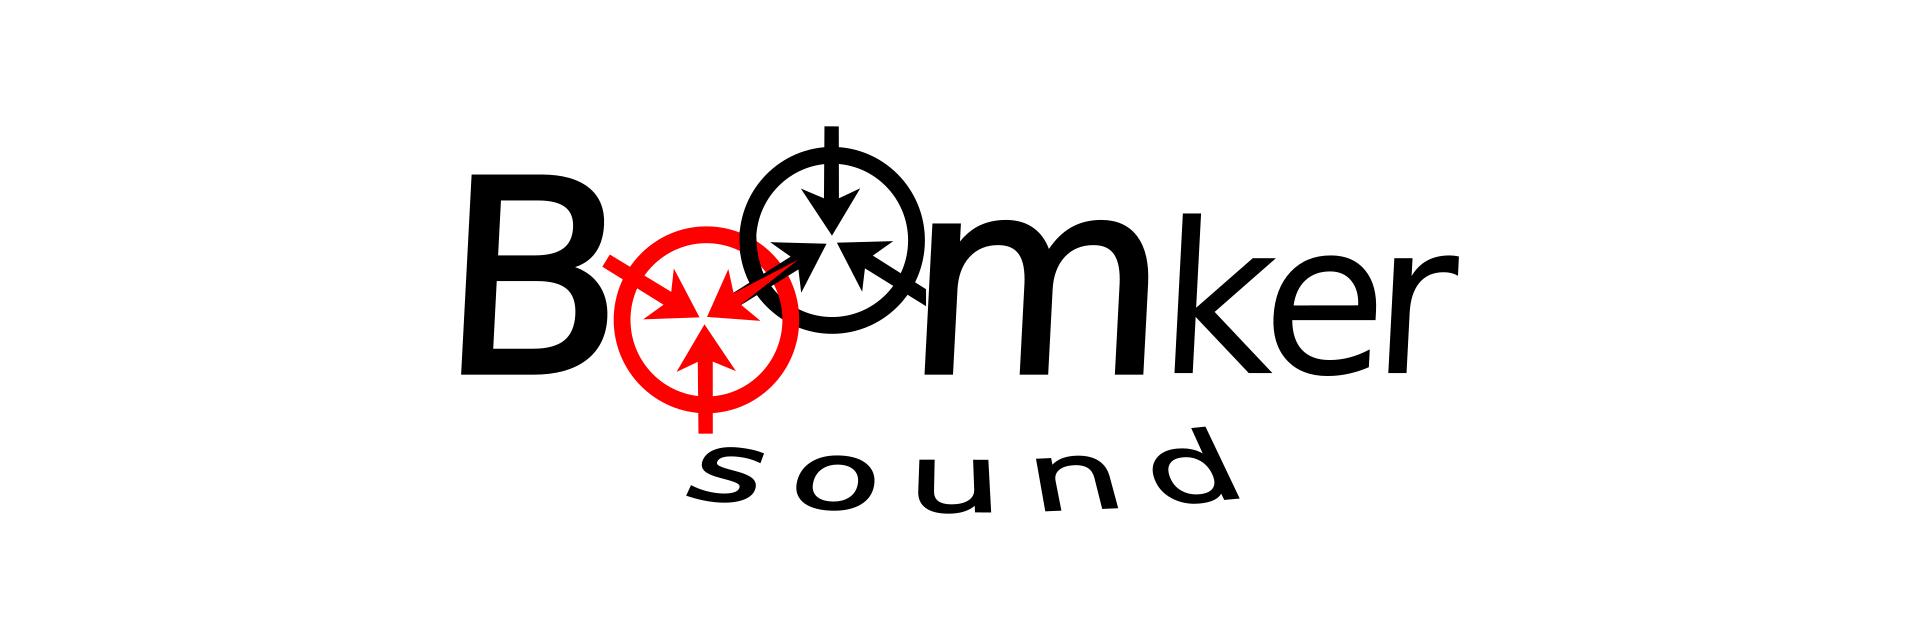 Boomker logo b-2017-slide